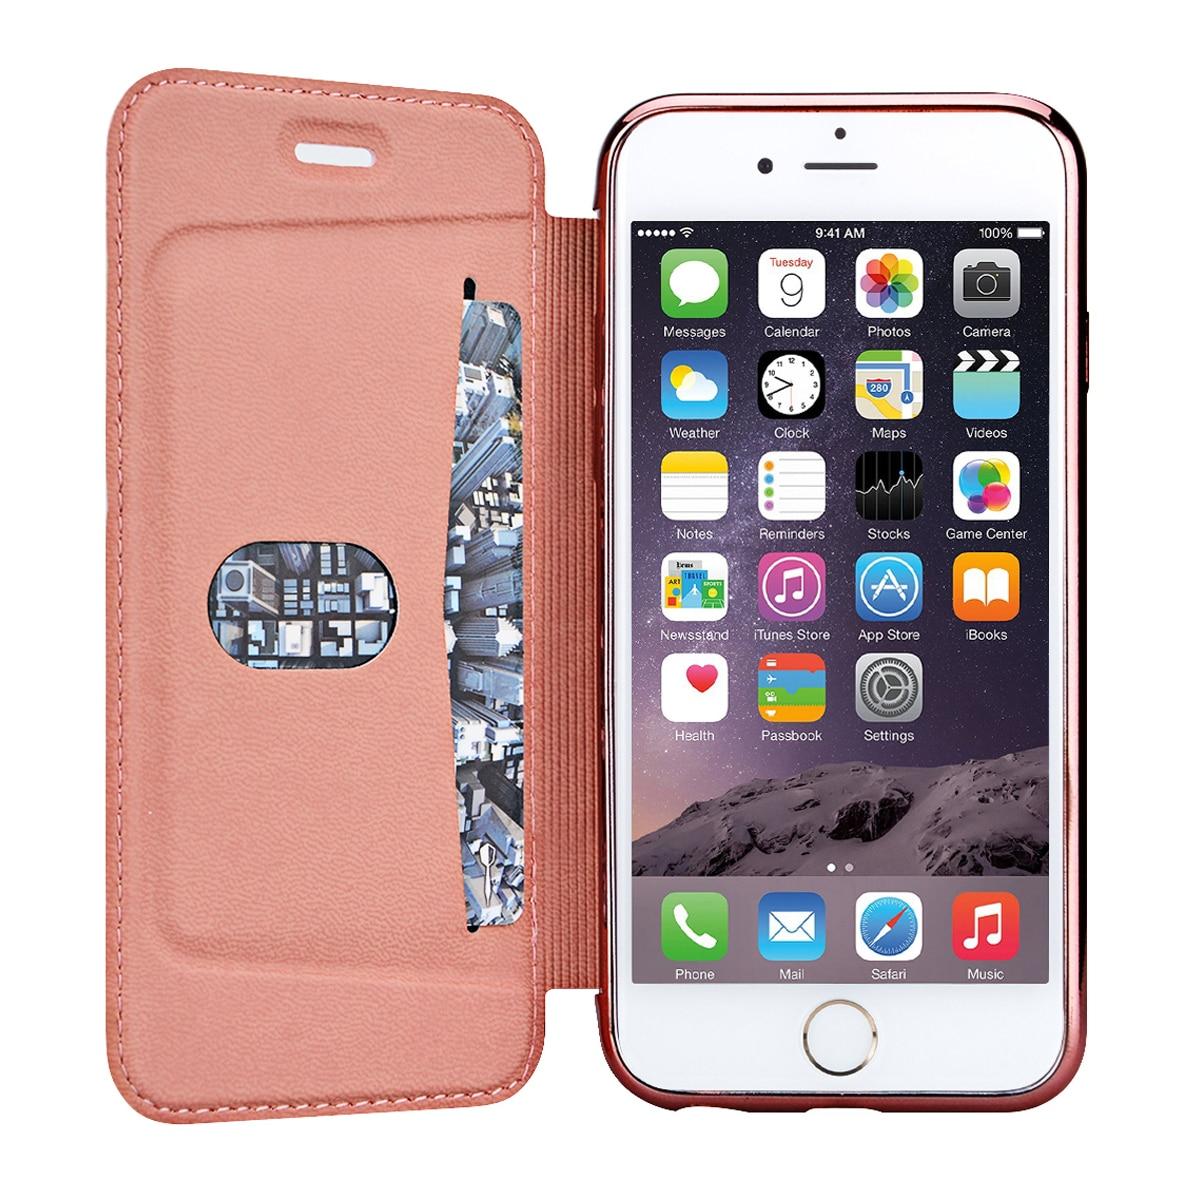 Funda de cuero PU de lujo para iPhone 5 5s SE 6 6s 7 Plus Funda para - Accesorios y repuestos para celulares - foto 2